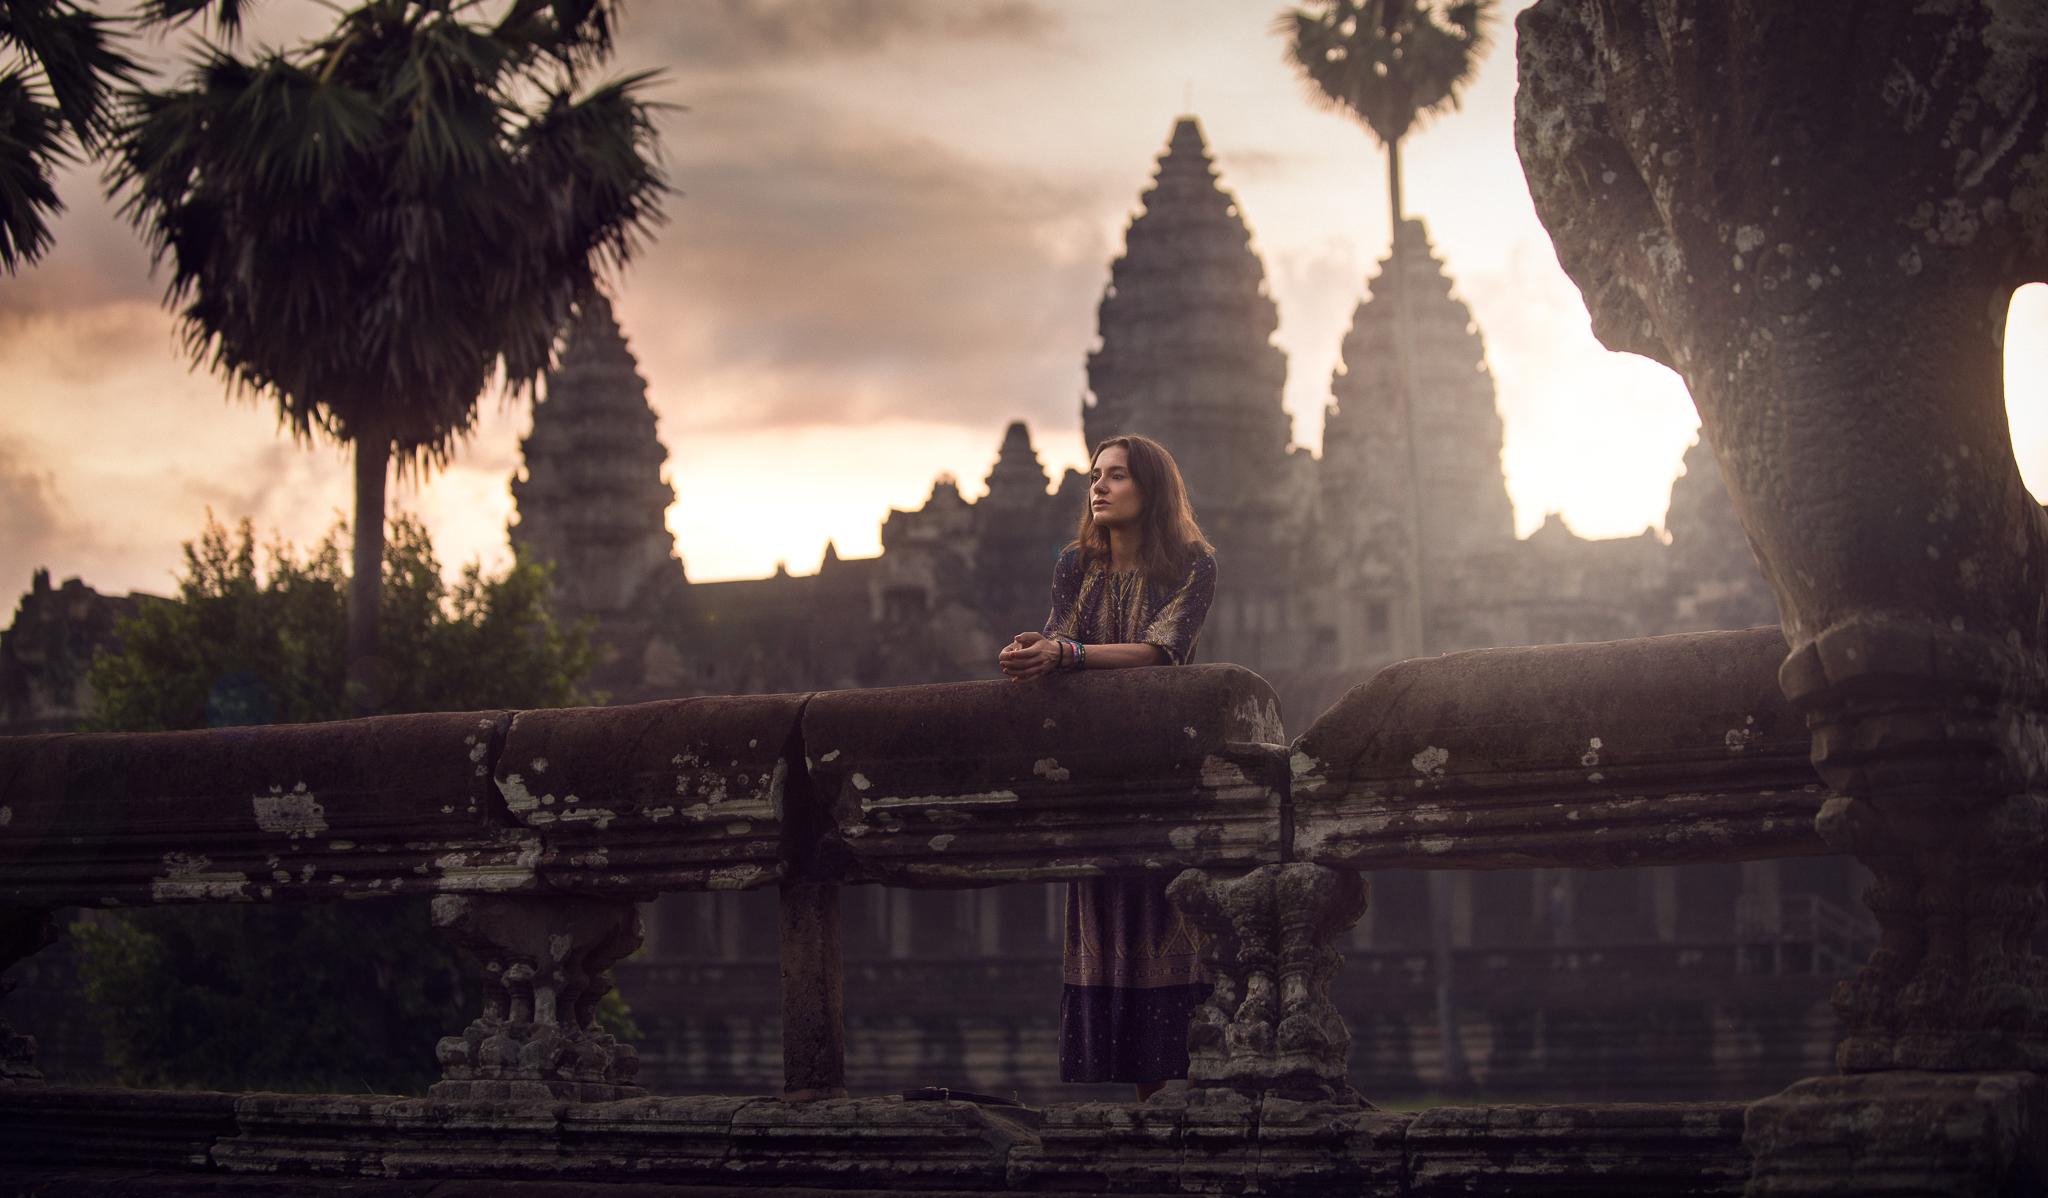 Portrait in Angkor Wat by Luca Zizioli